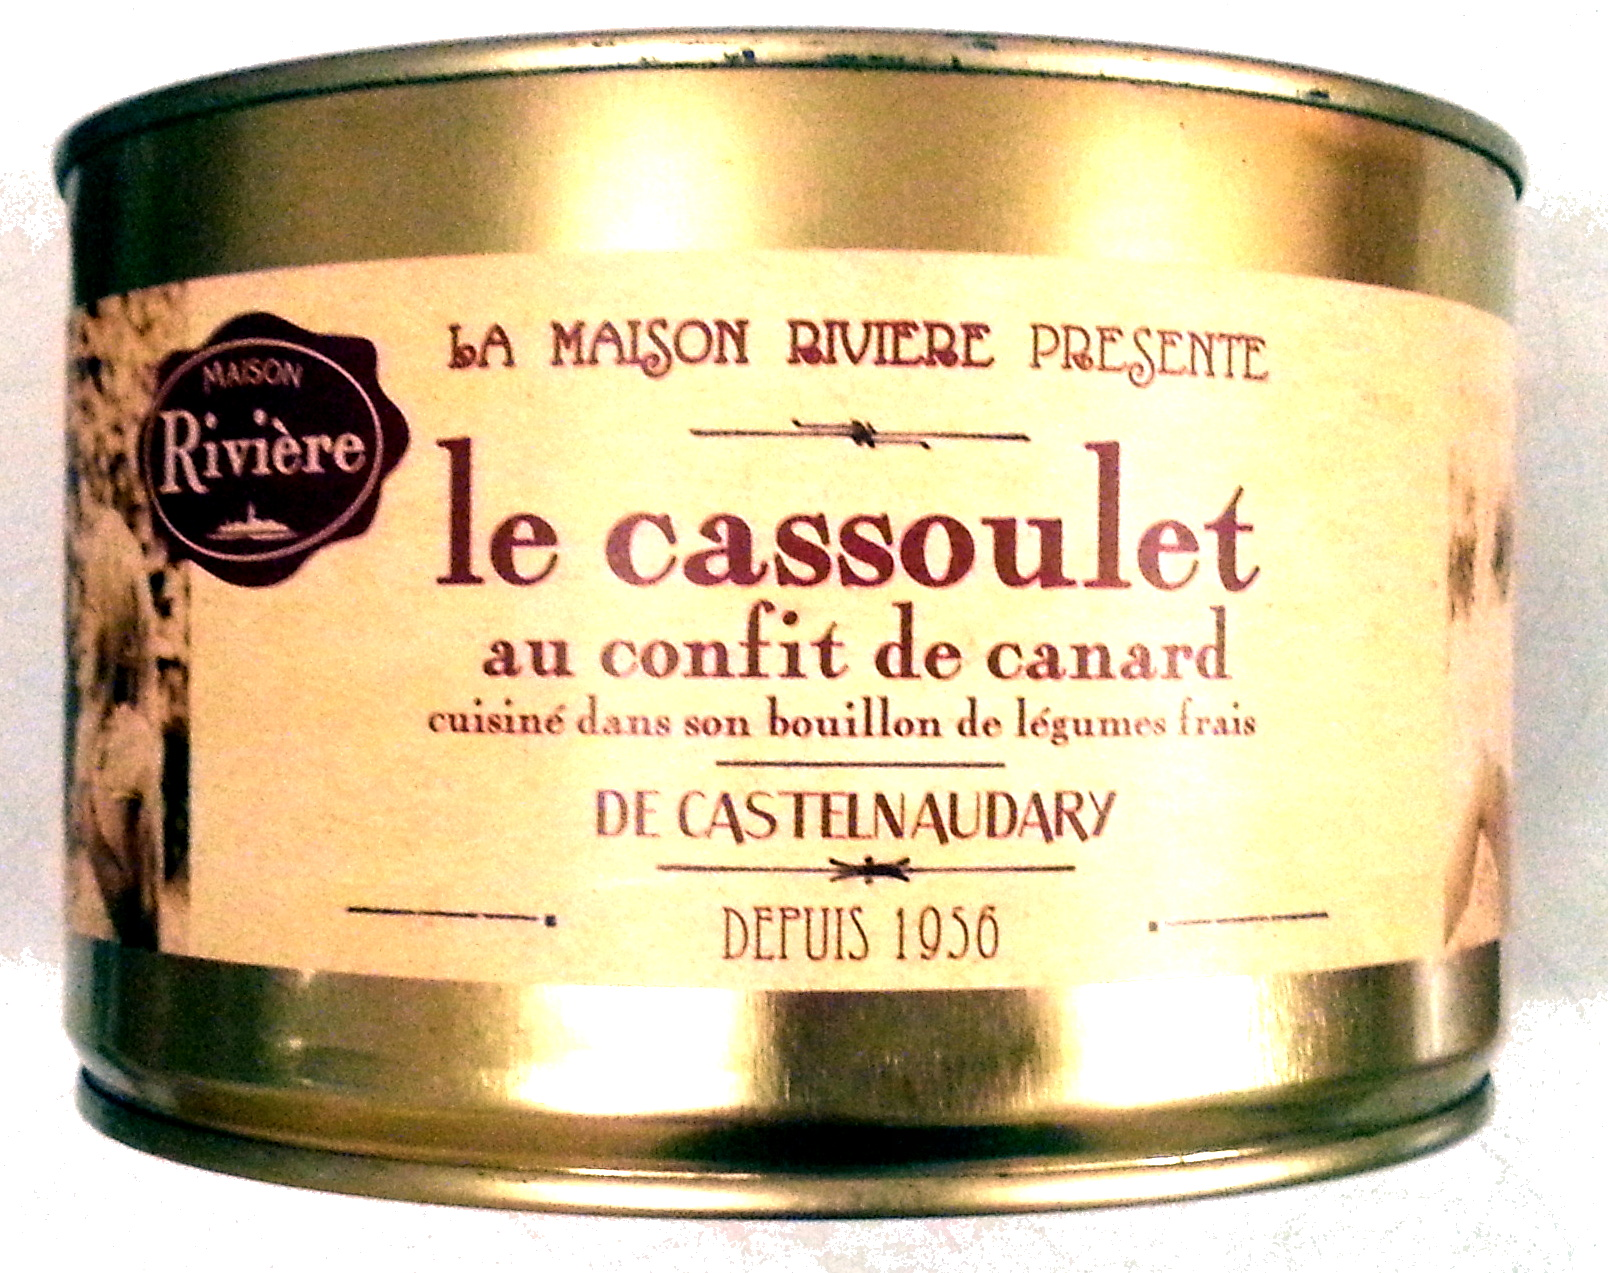 Le cassoulet au confit de canard de castelnaudary maison - Confit de canard maison ...